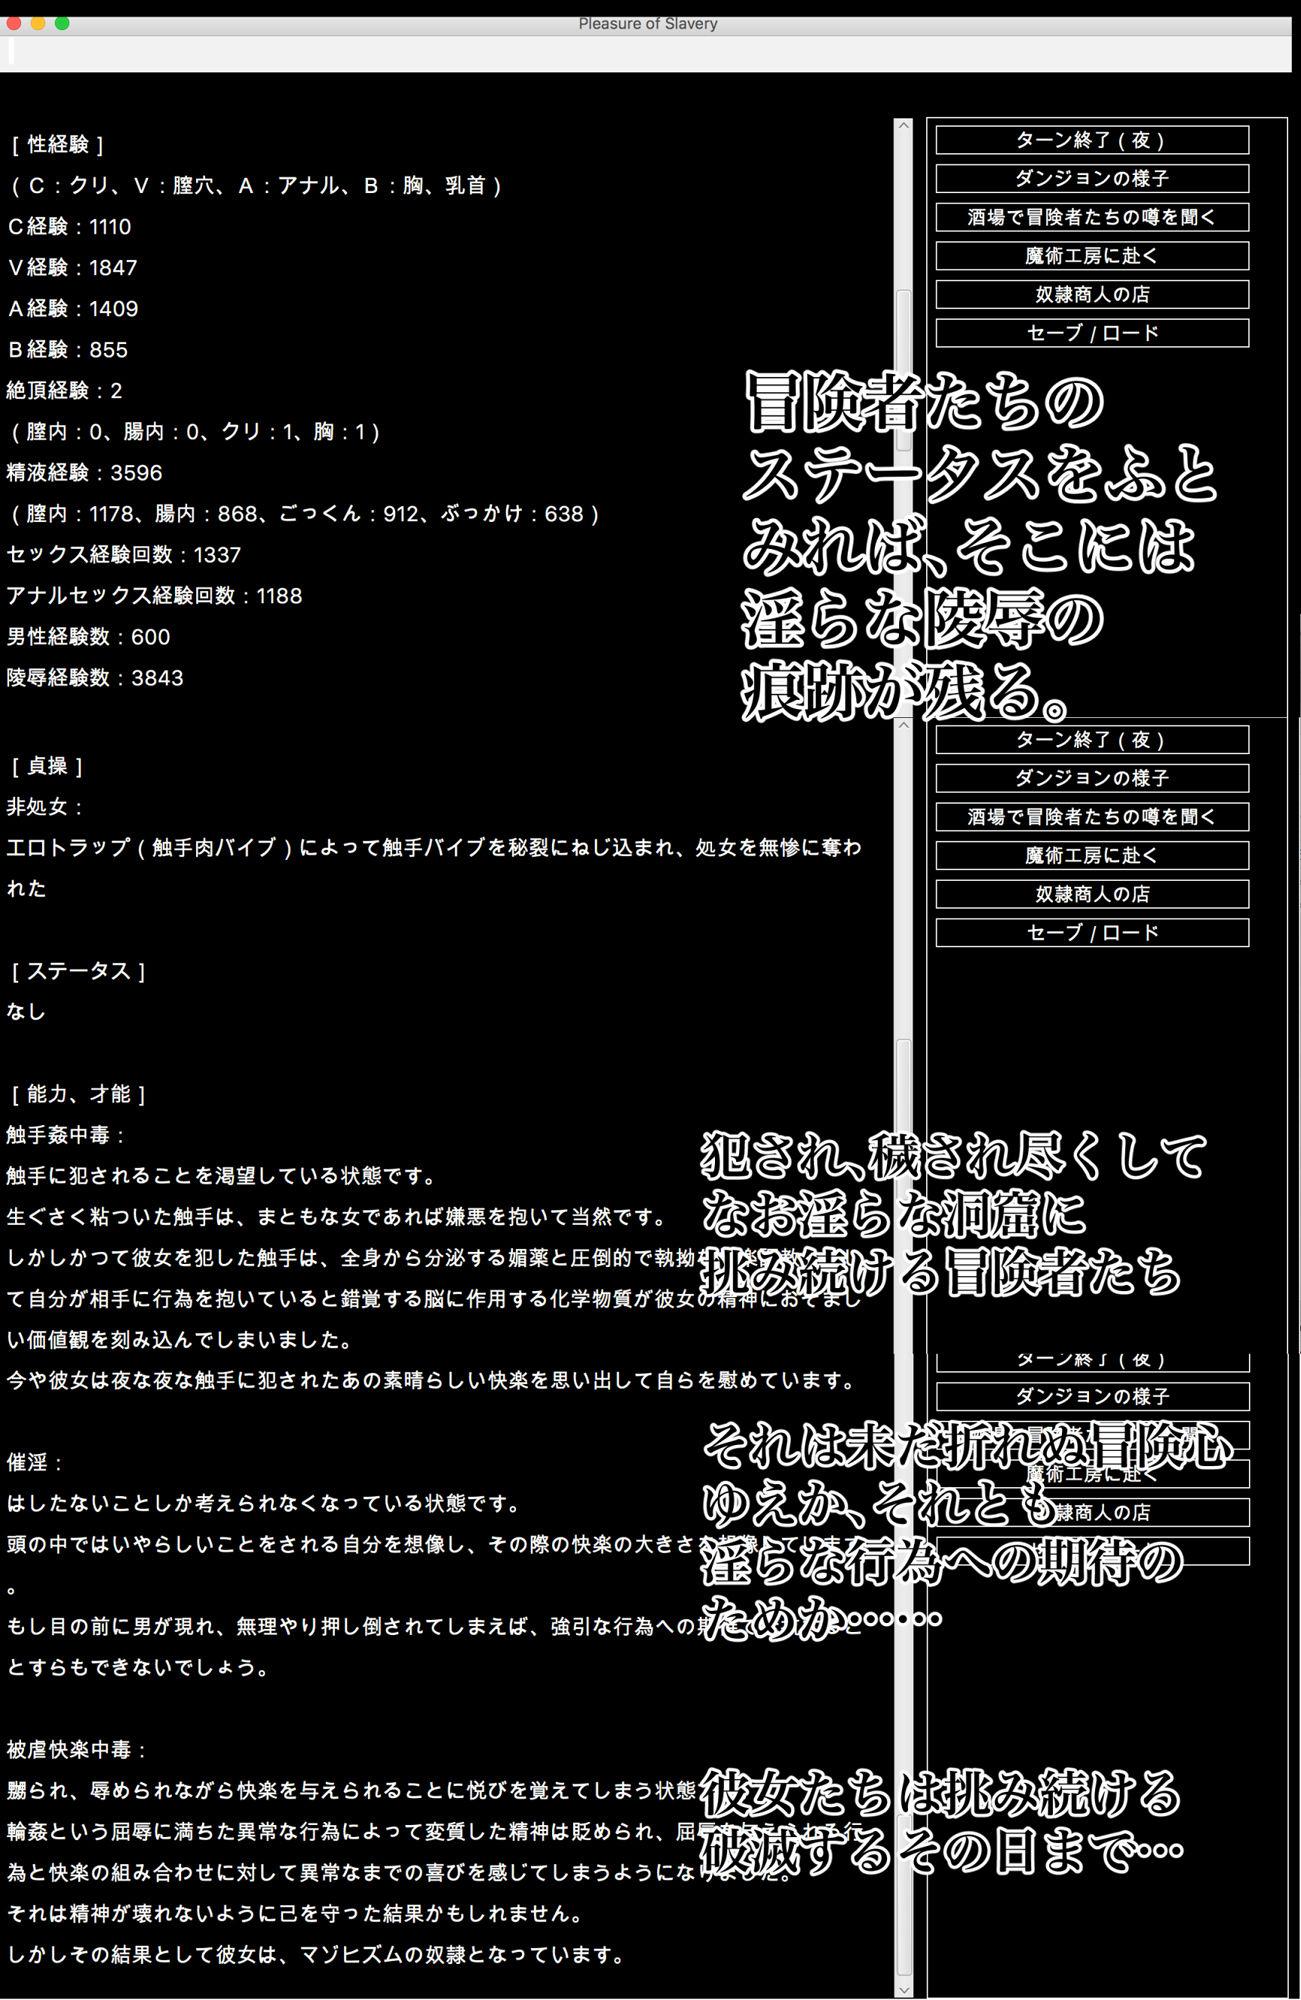 幻想エロトラップダンジョン敗北陵辱冒険記4